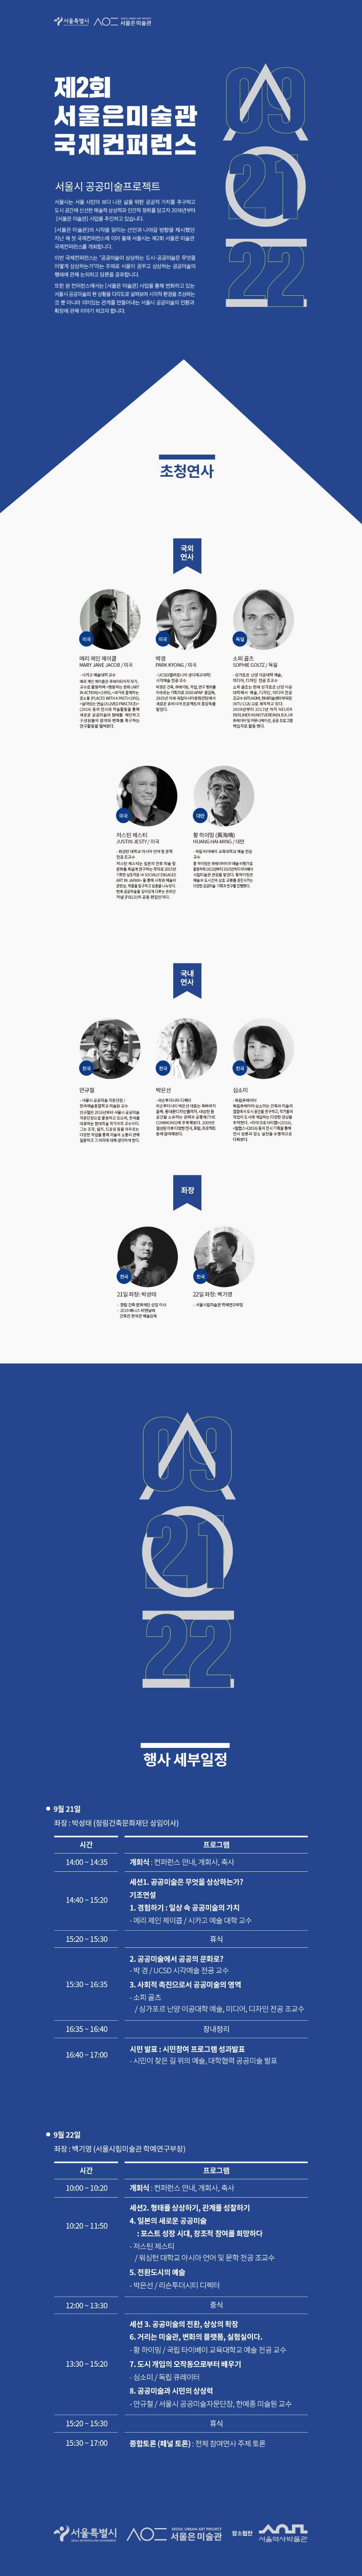 제2회 서울은 미술관 국제컨퍼런스 웹플라이어.jpg